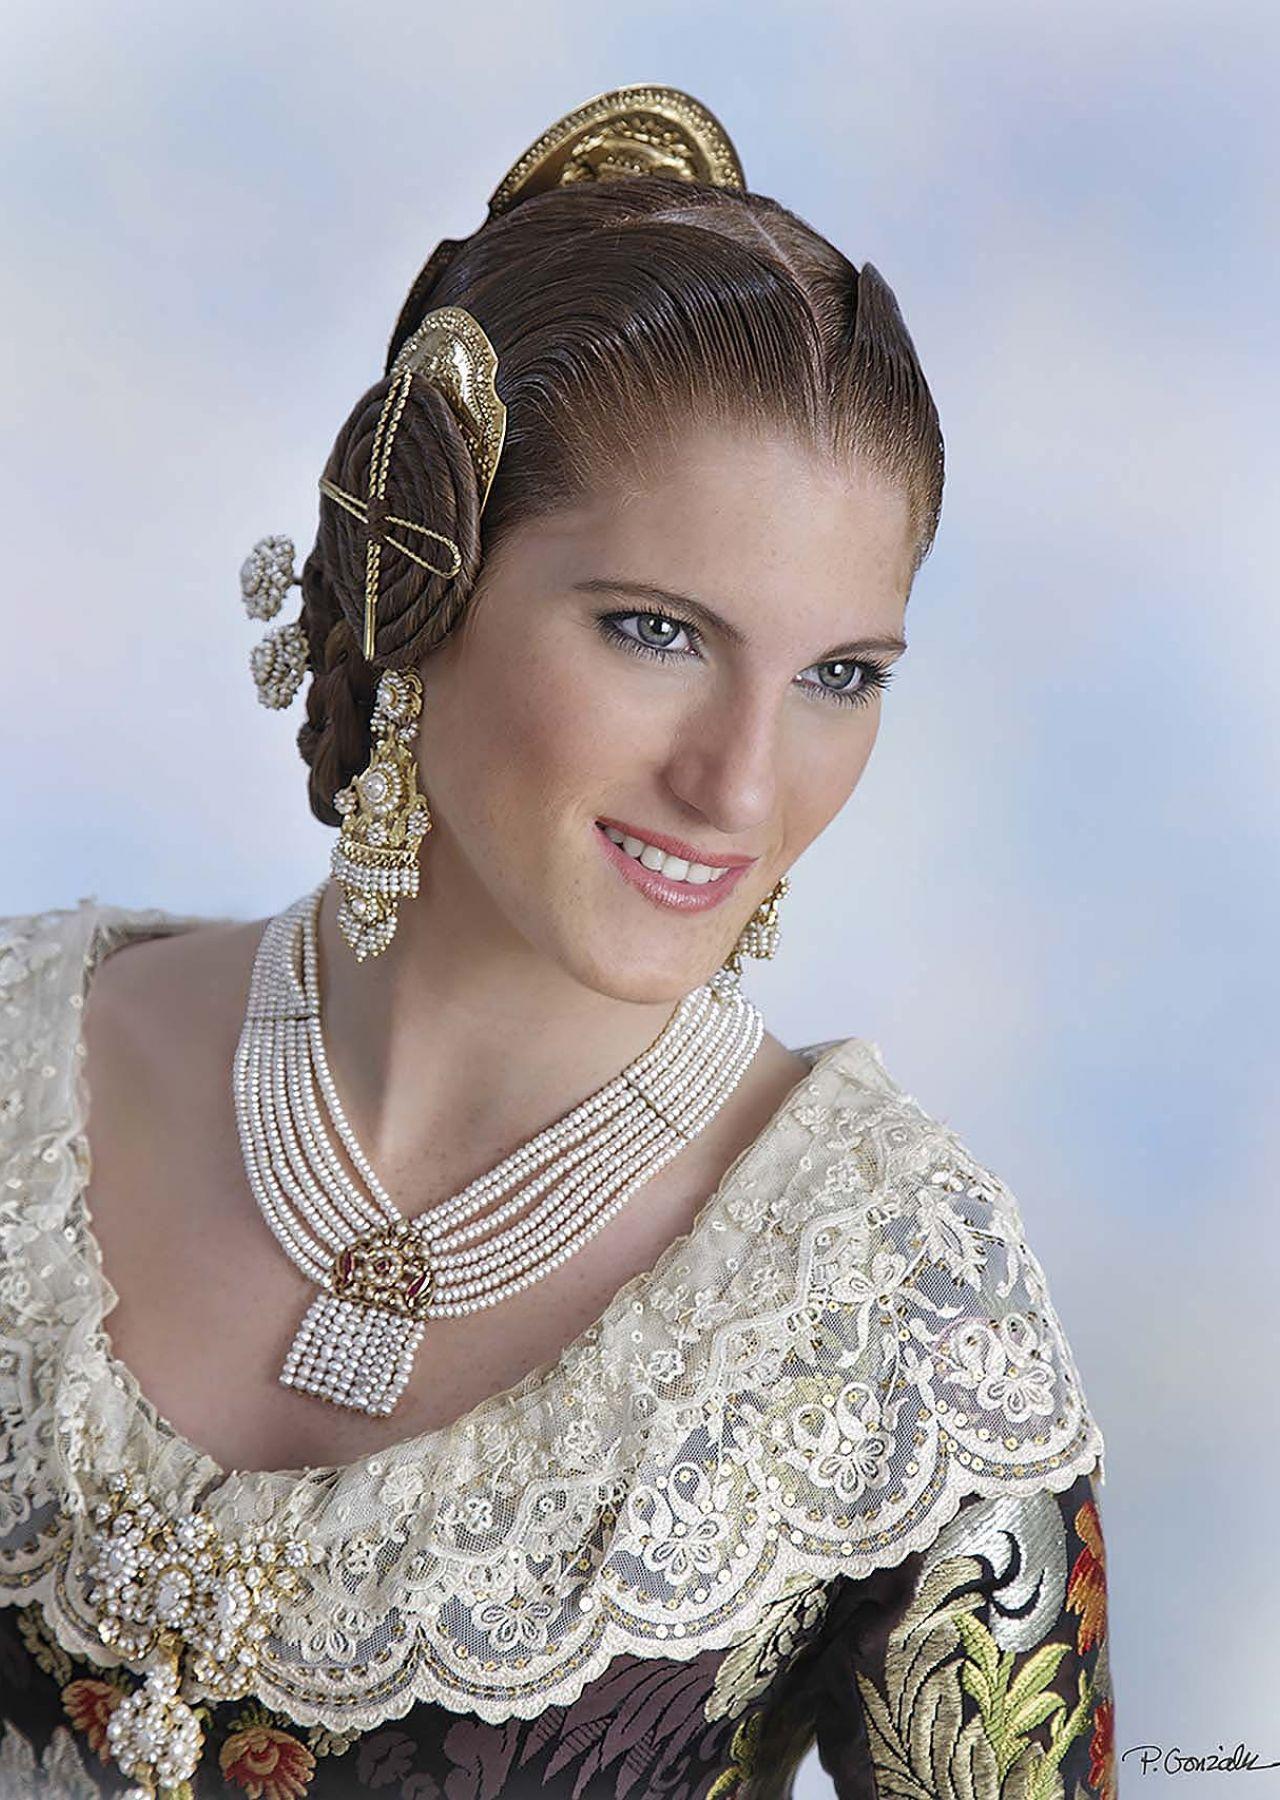 Belen Rueda Ferrero